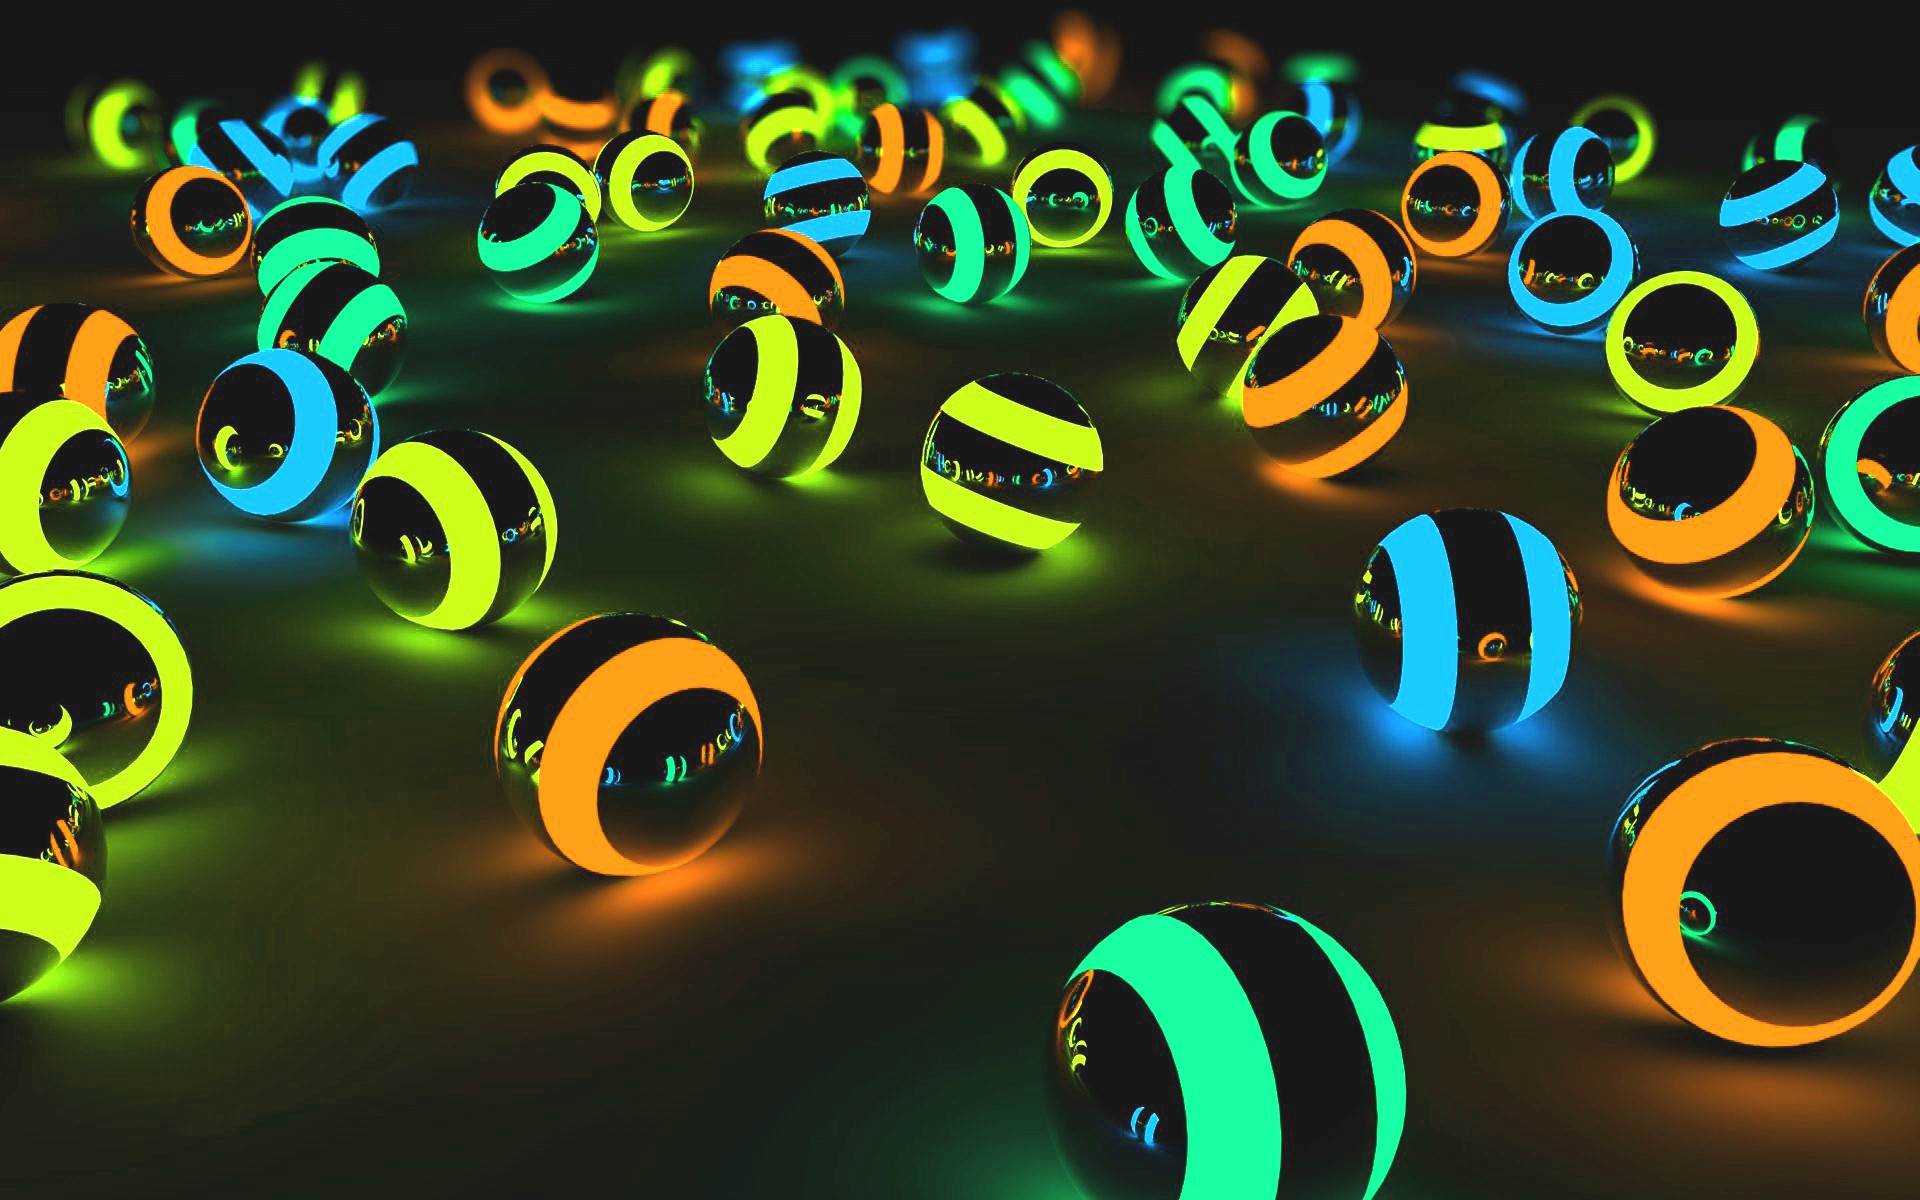 Hình nền 3D bóng neon